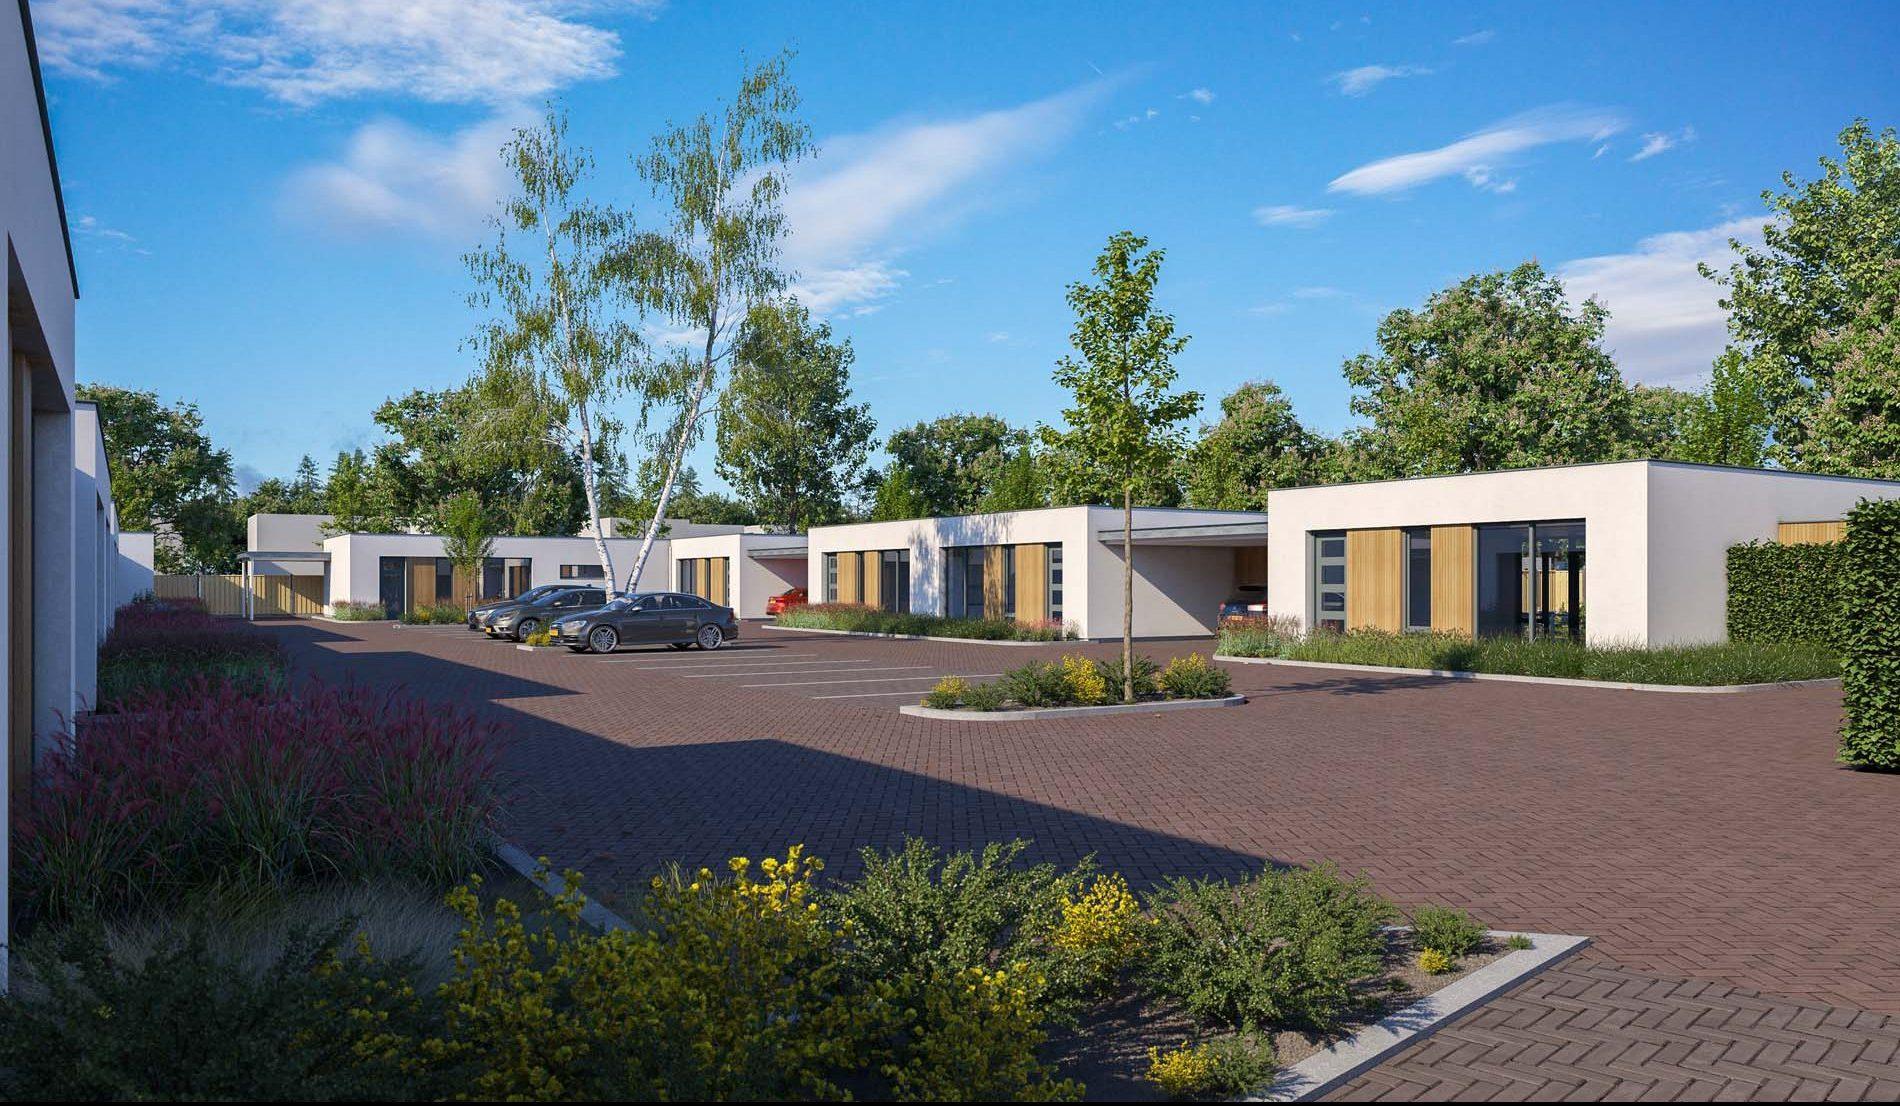 Project De Hopbelhof Hoofdstraat Schijndel - 11 bungalows, ASWA Keukens (4)